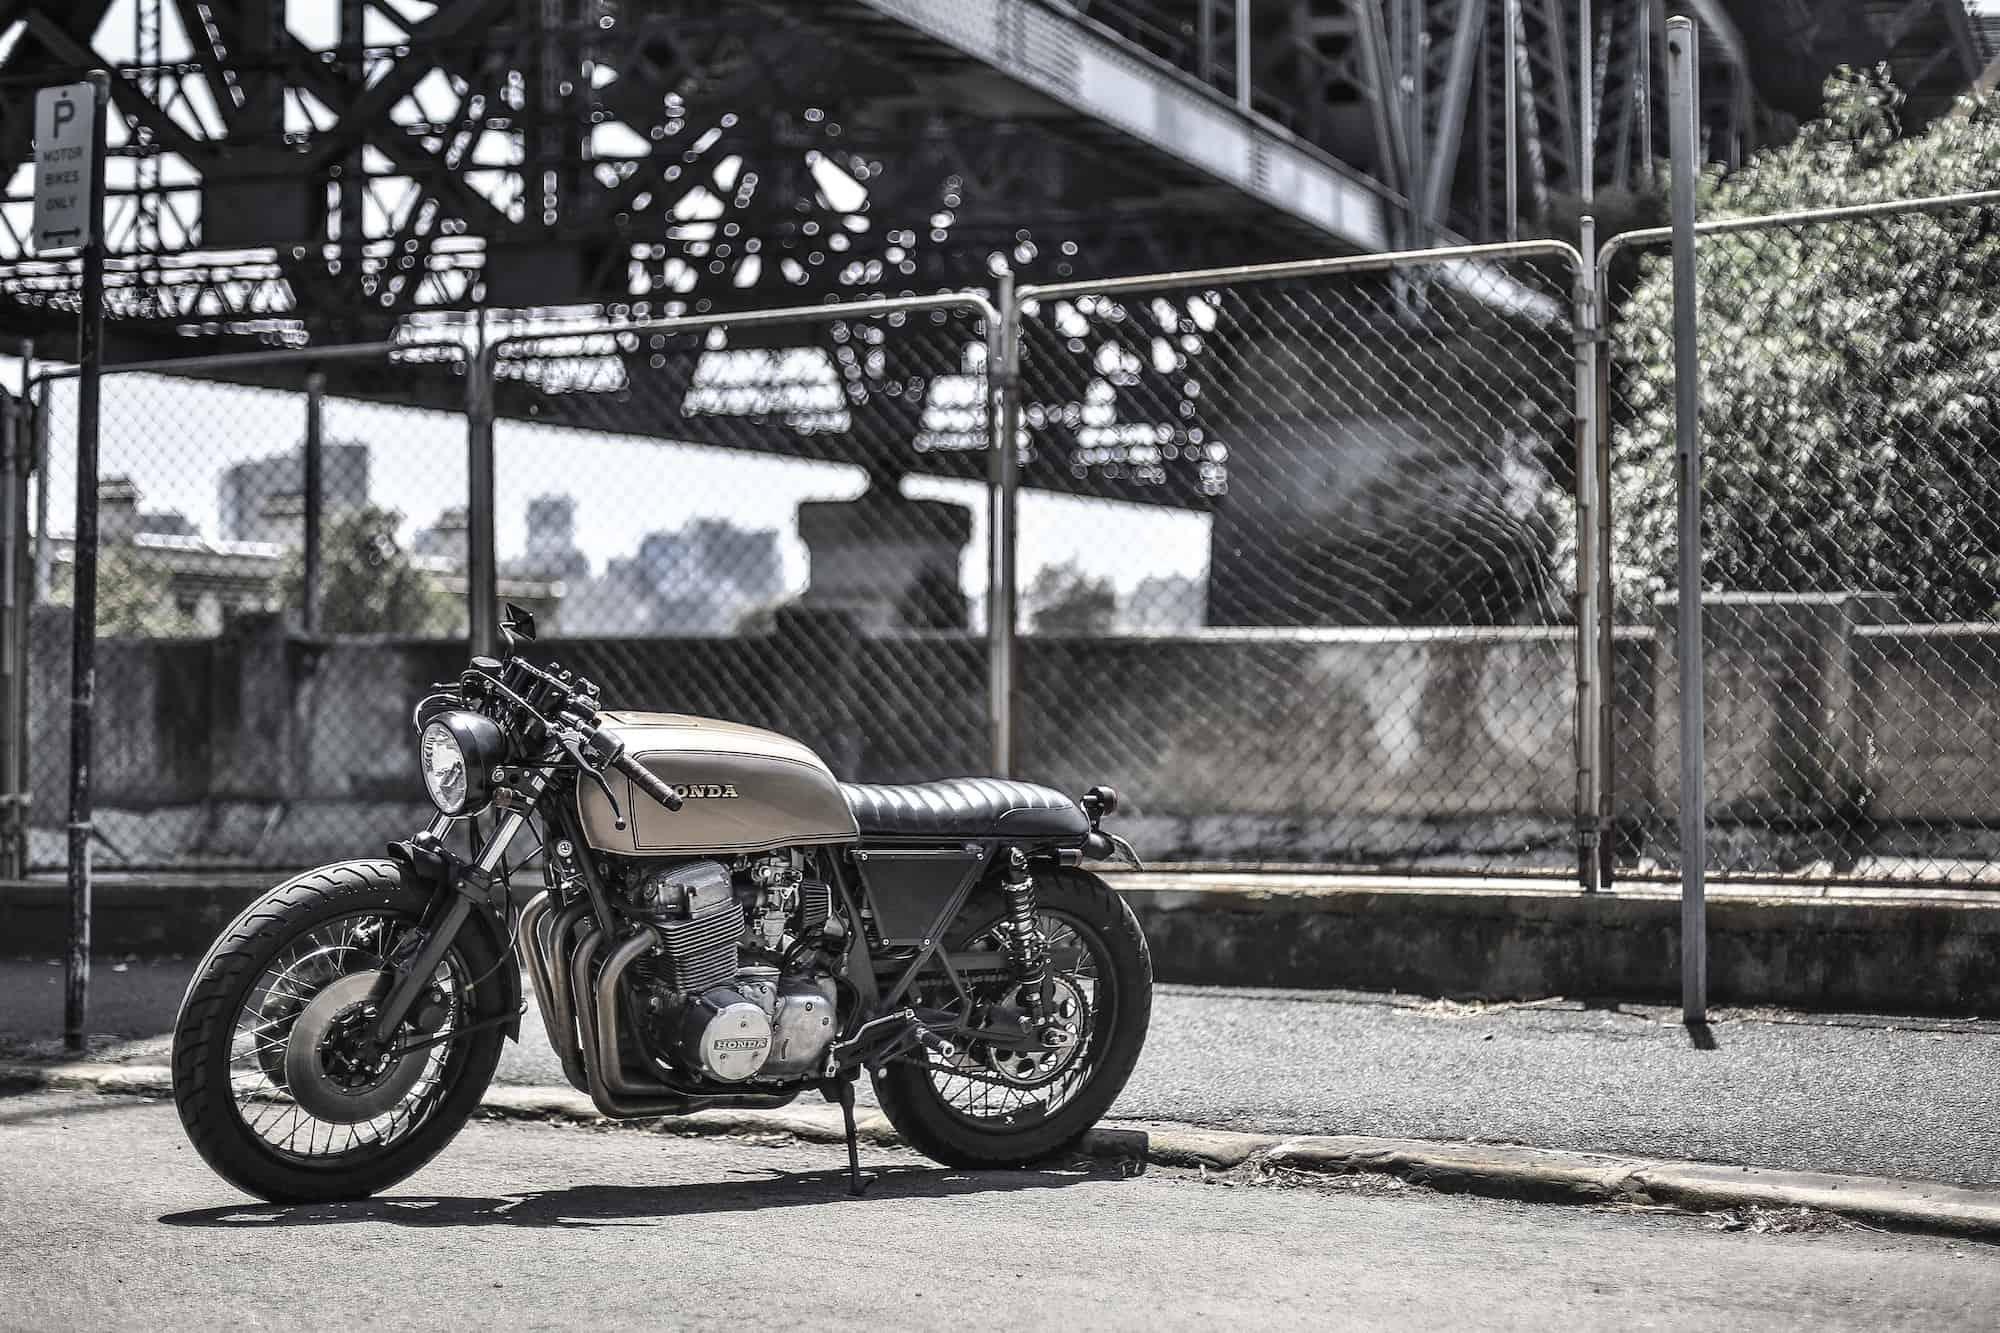 Magasin de pièces moto, d'accessoires et entretien moto vintage café racer